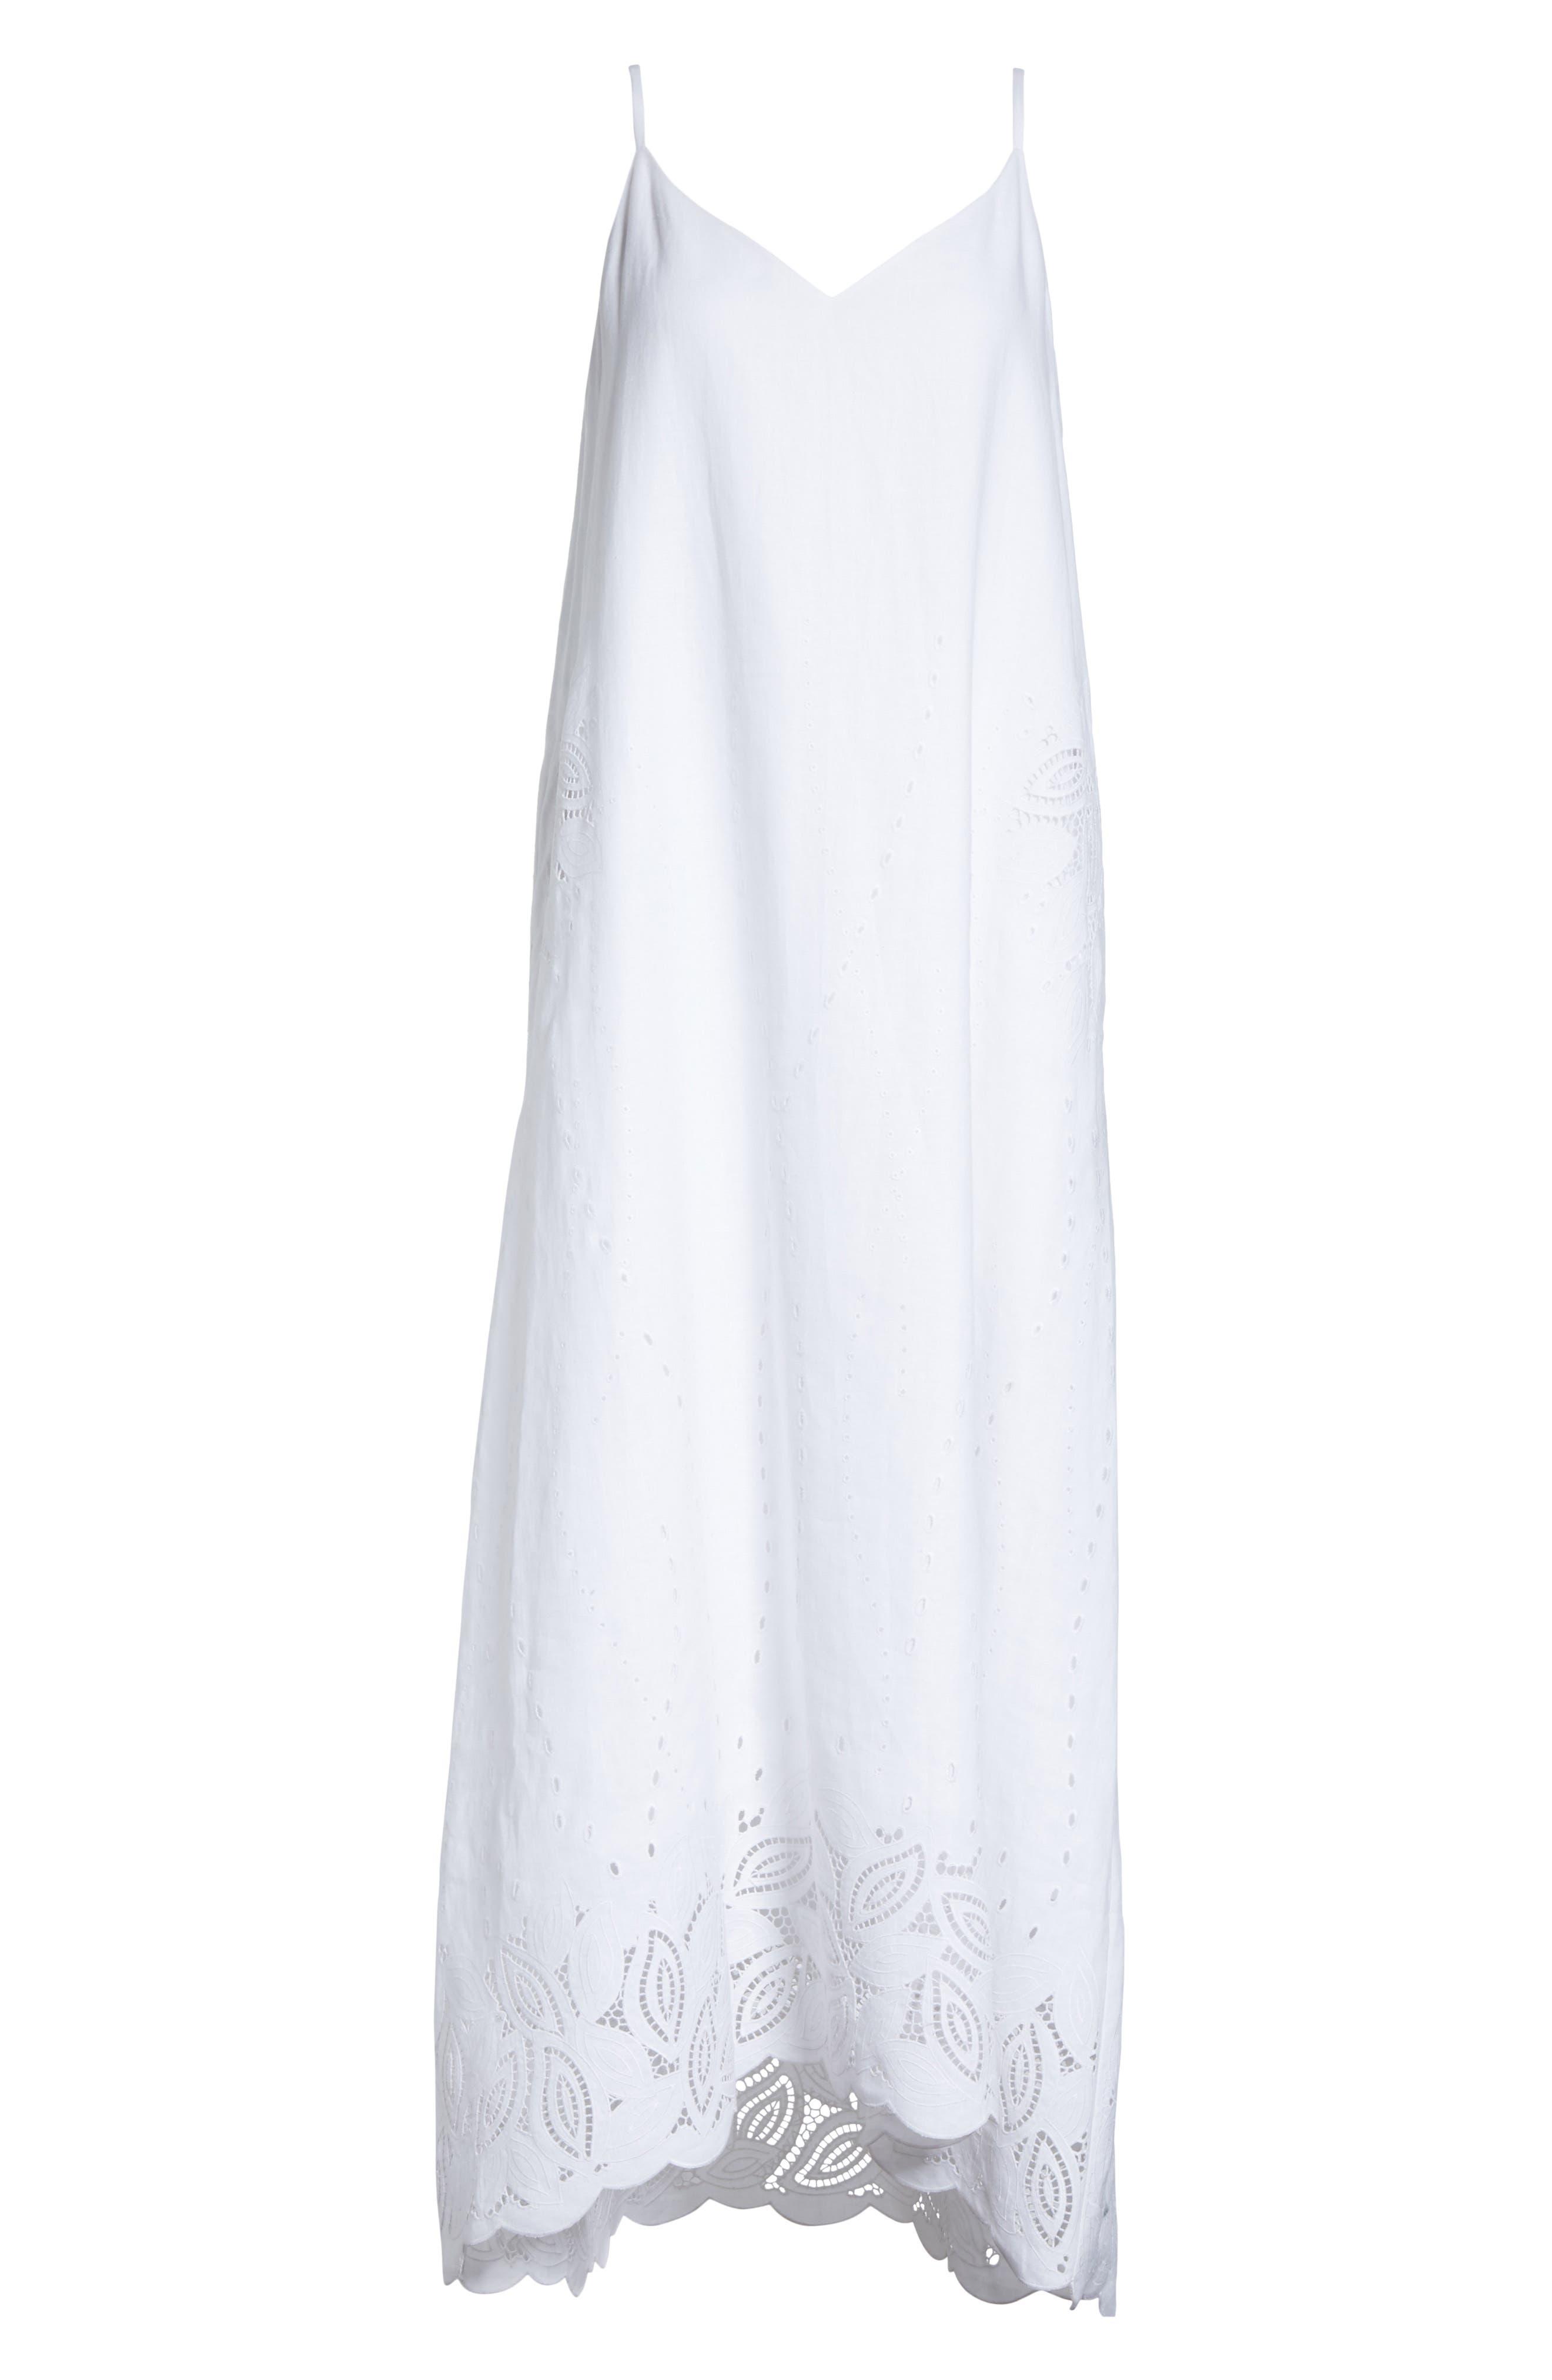 Dominique Linen Cutwork Dress,                             Alternate thumbnail 6, color,                             100